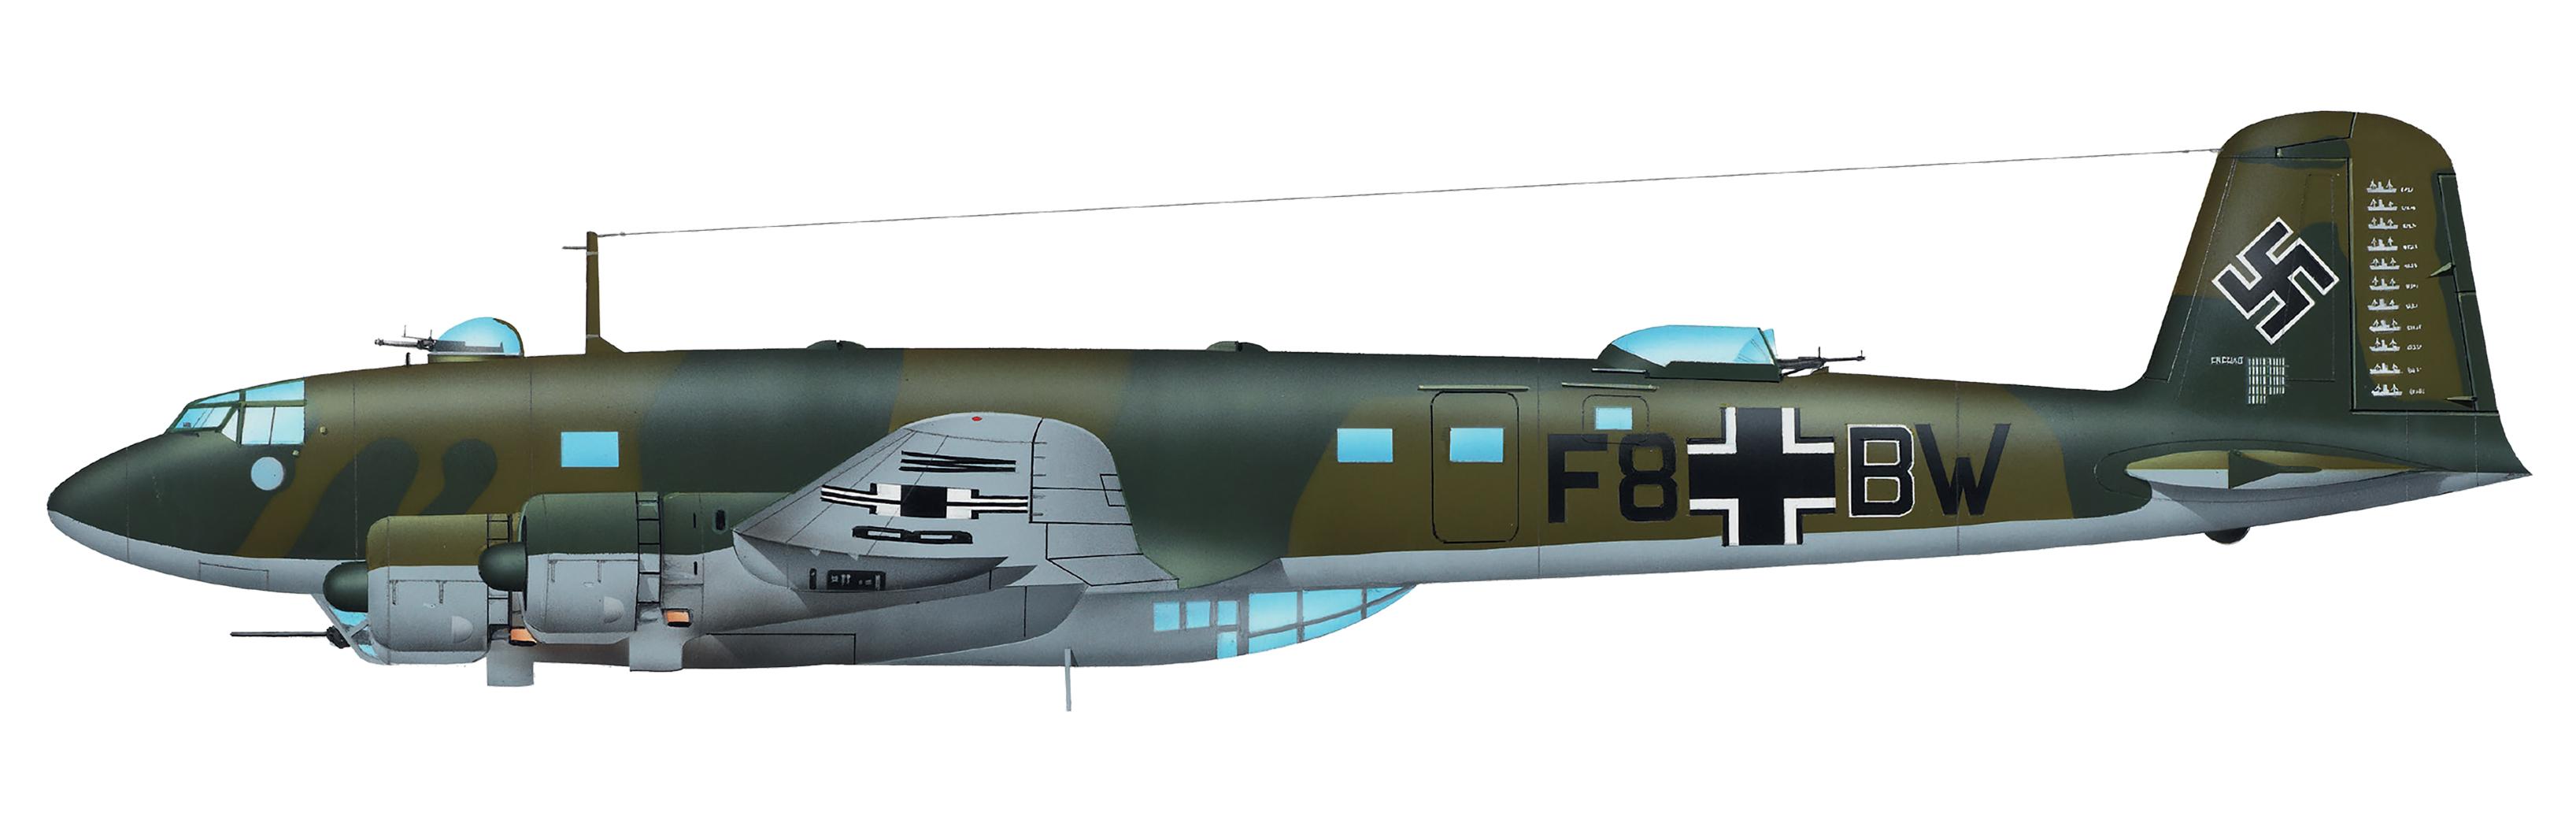 Focke Wulf Fw 200C2 Condor 12.KG40 (F8+BW) Stkz NA+WI WNr 0016 Orleans Bricy France 1942 0A